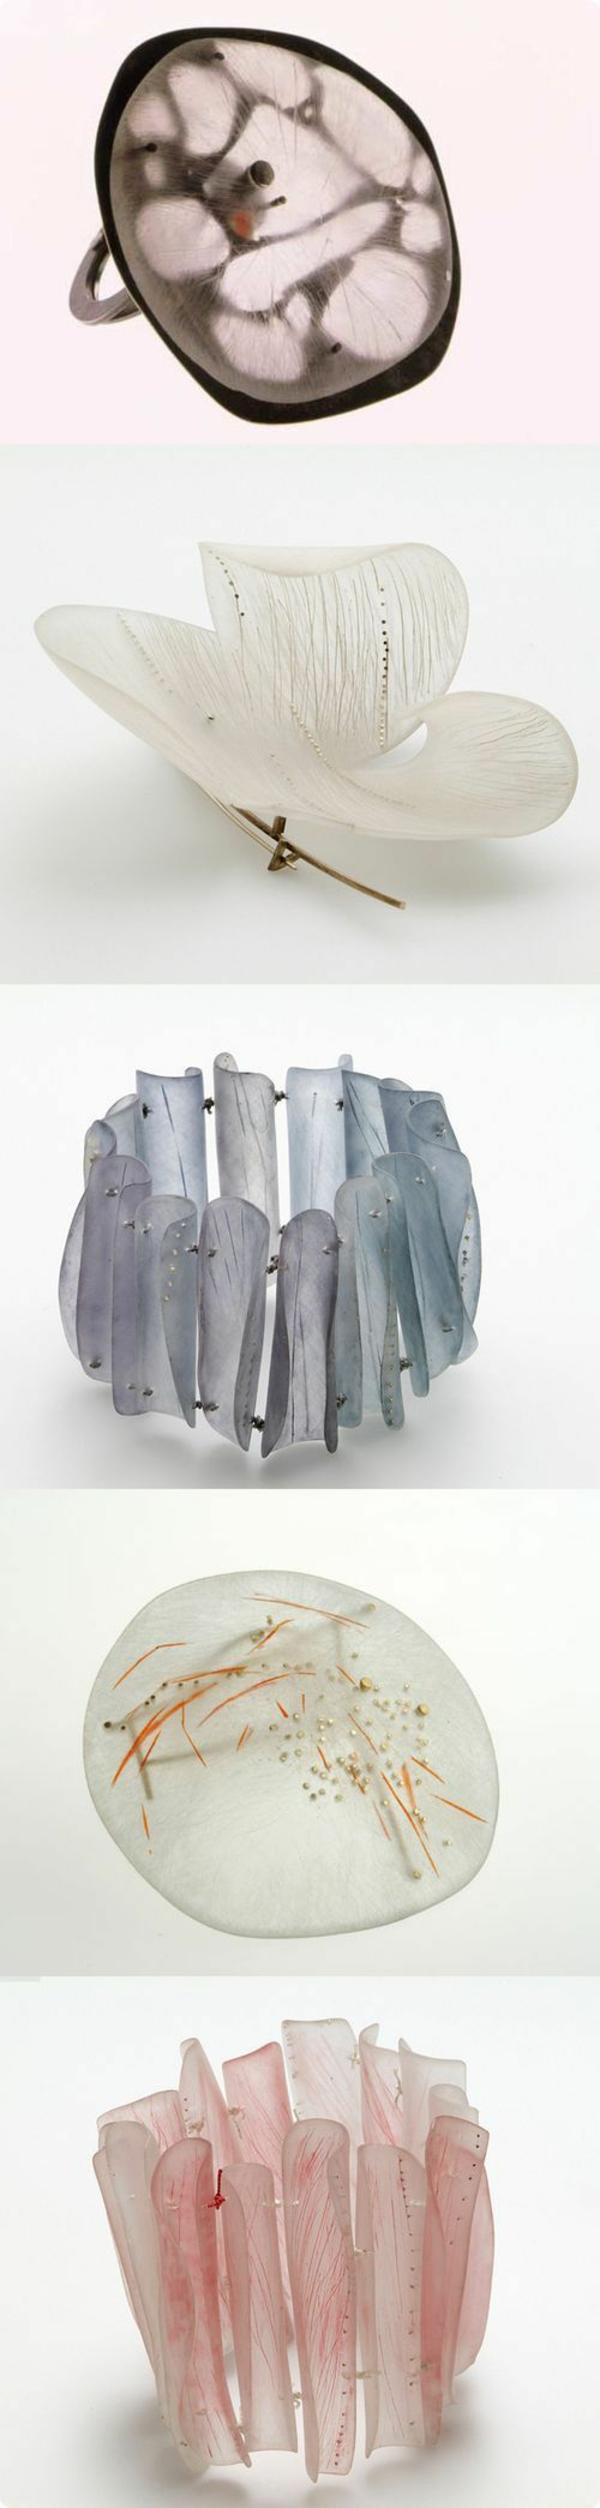 damenarmbänder acryl holz stein schmuck accessoires